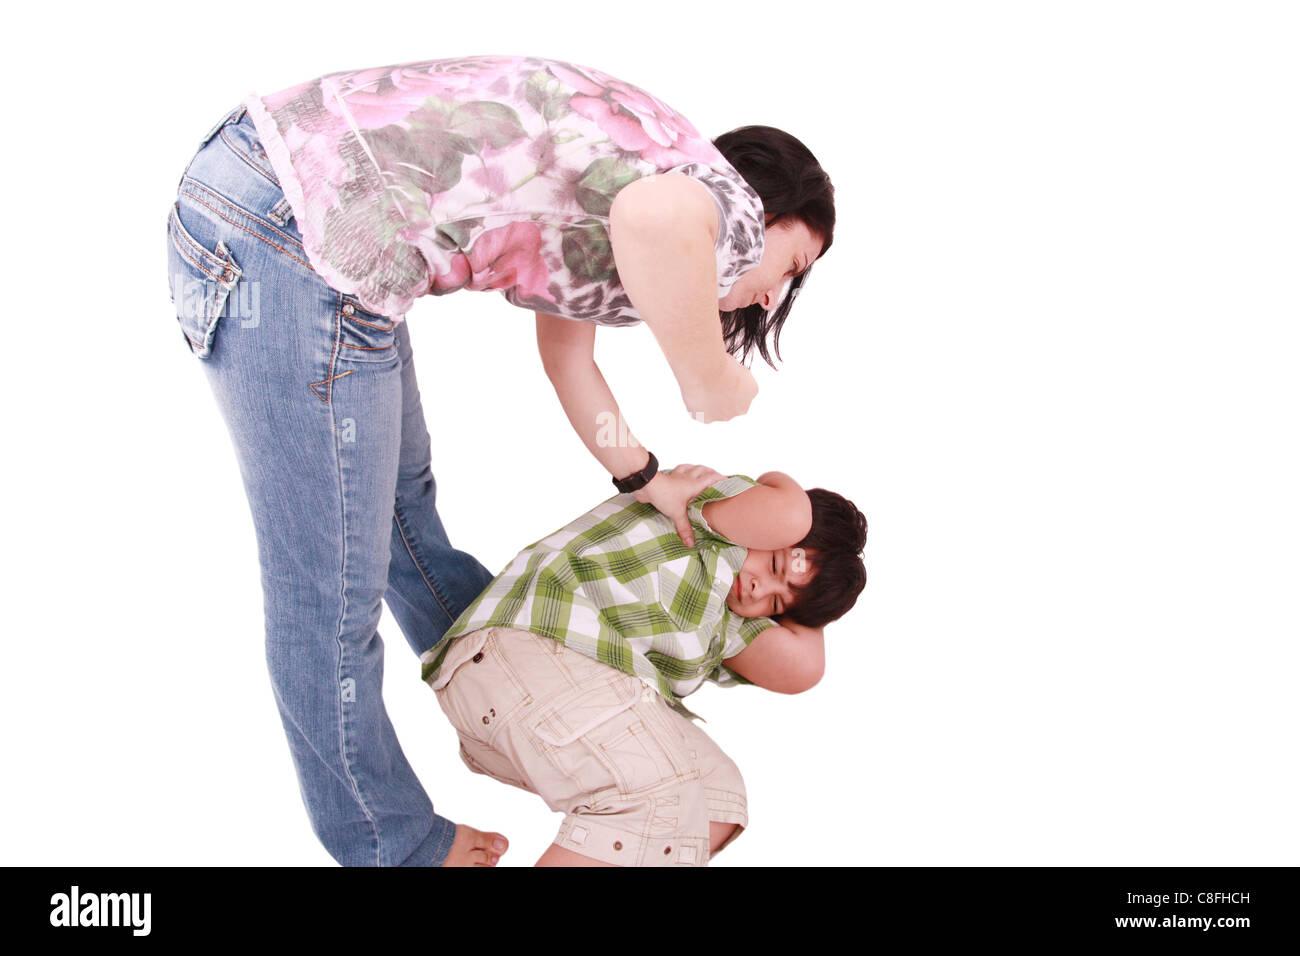 Смотреть как пьяный отец беёт мальчика за двойку 16 фотография